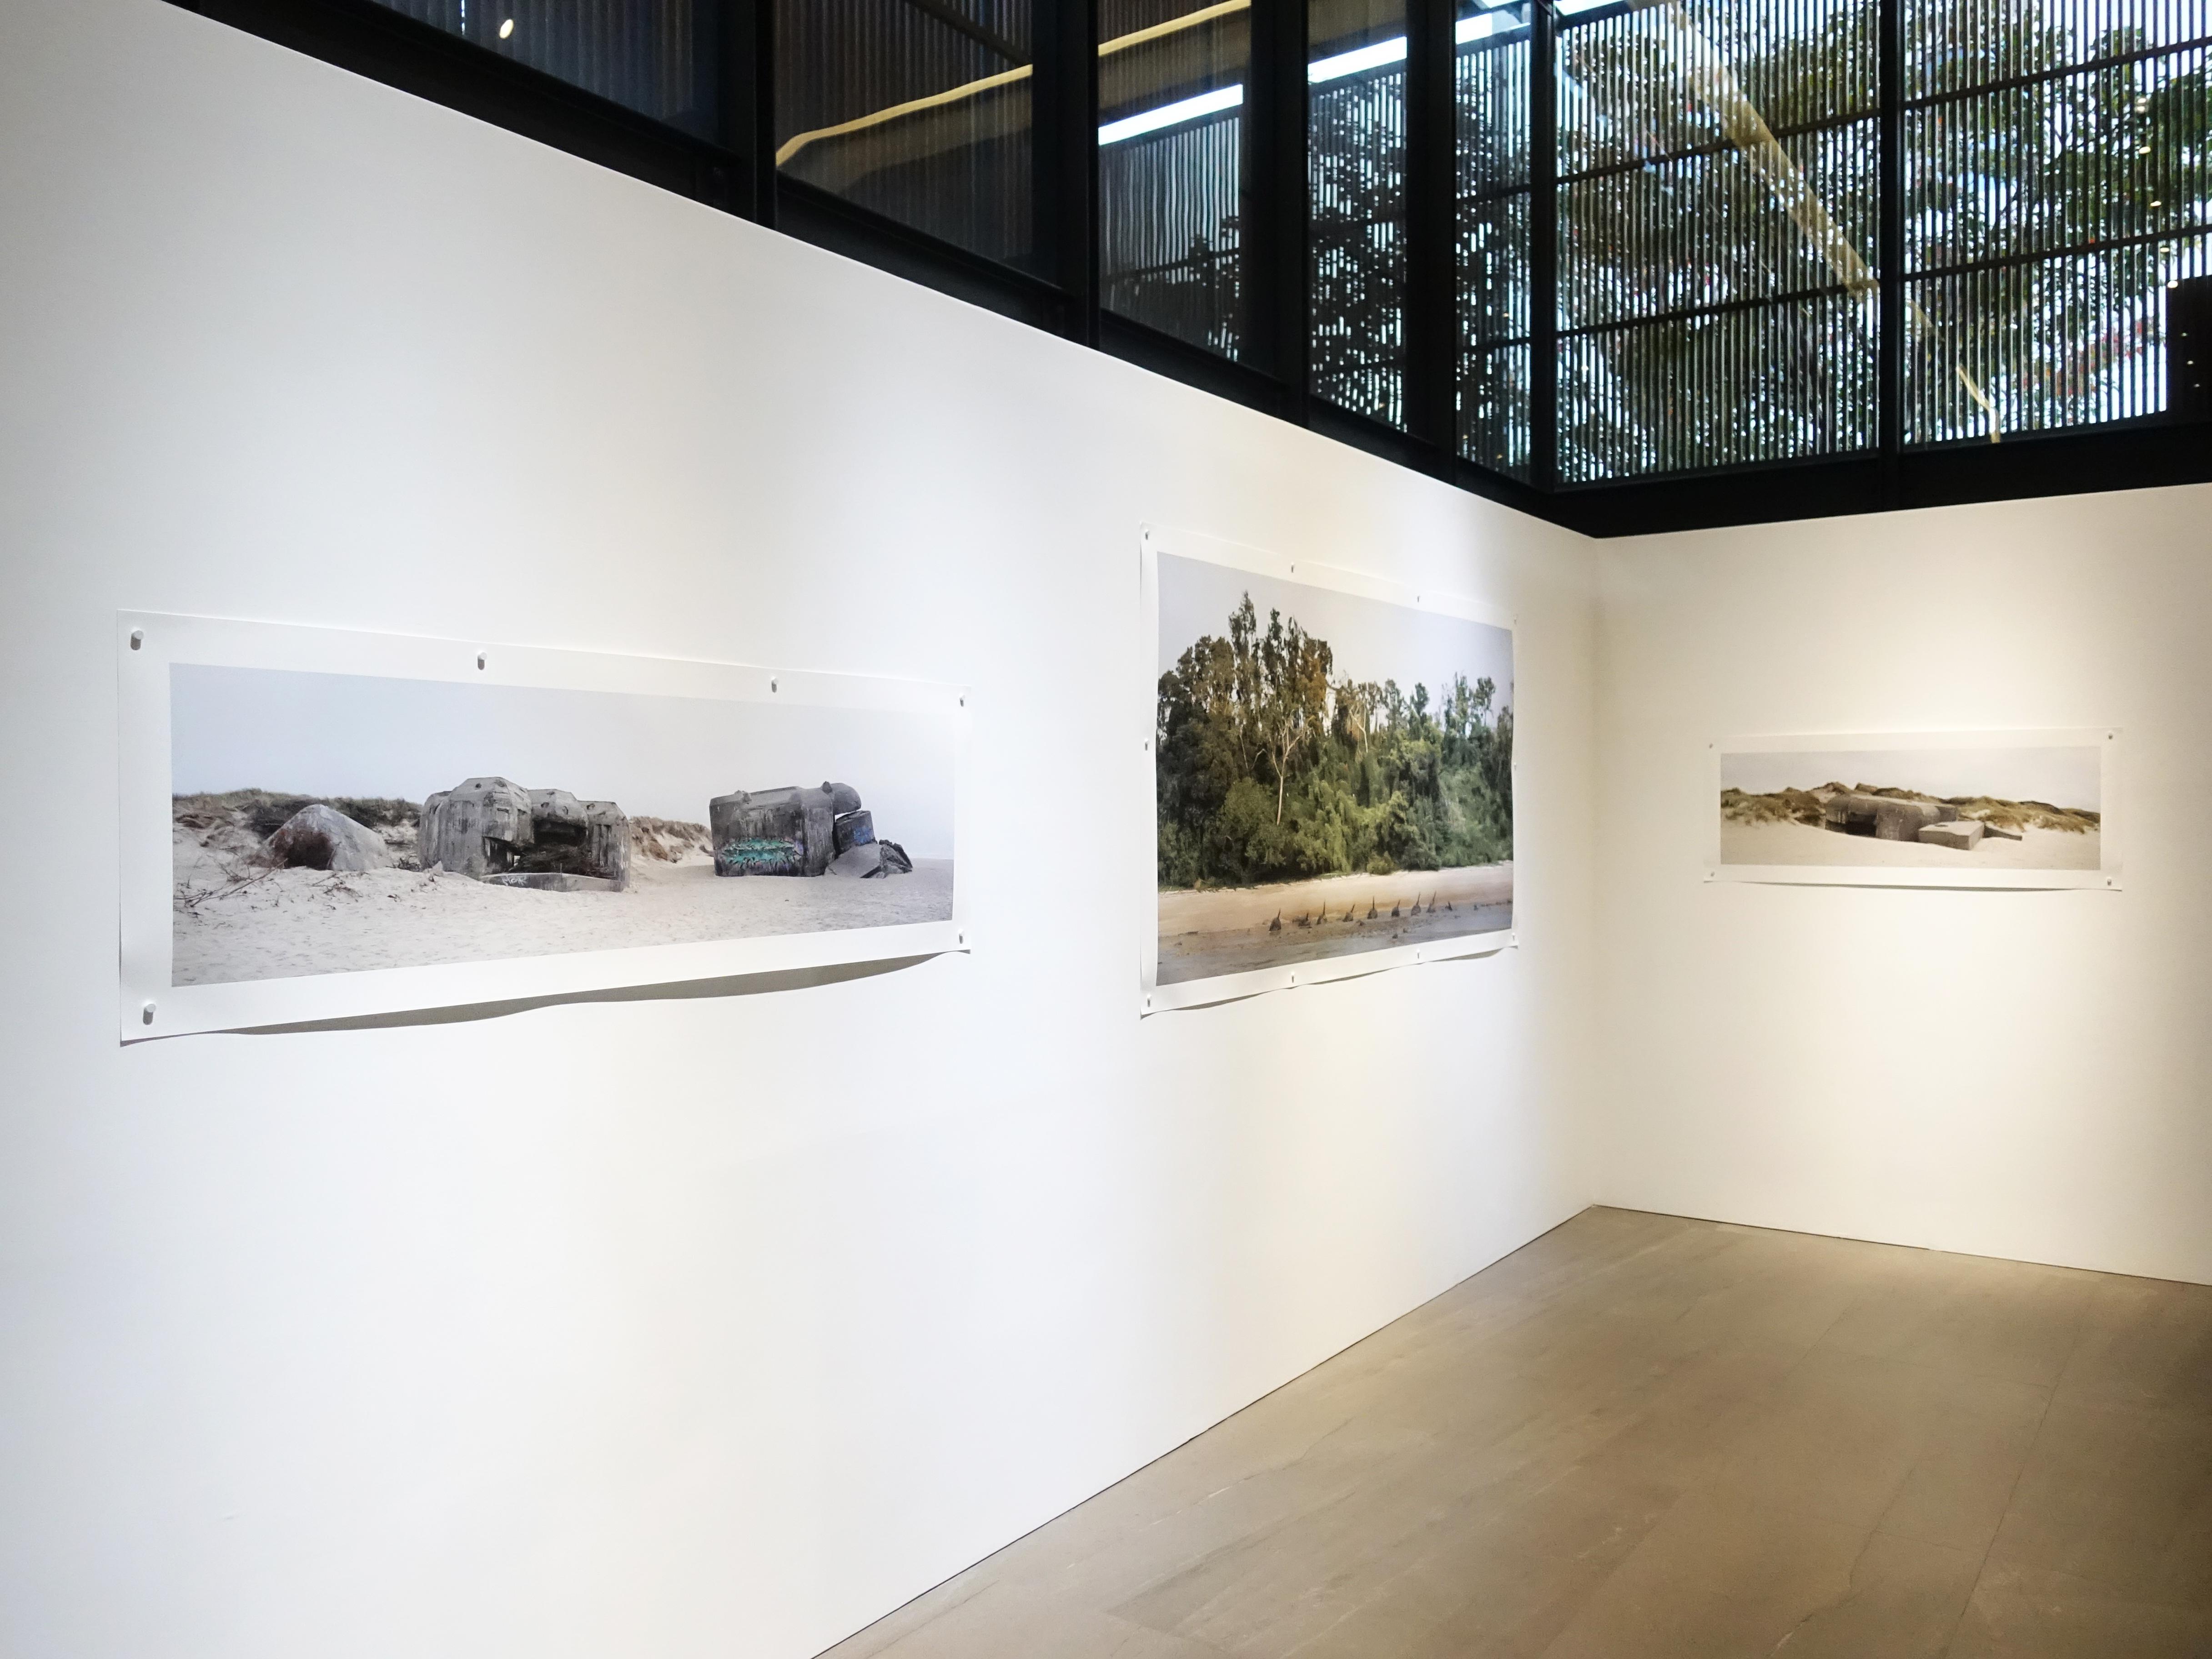 劉芸怡個展『歷史造景』展覽空間。